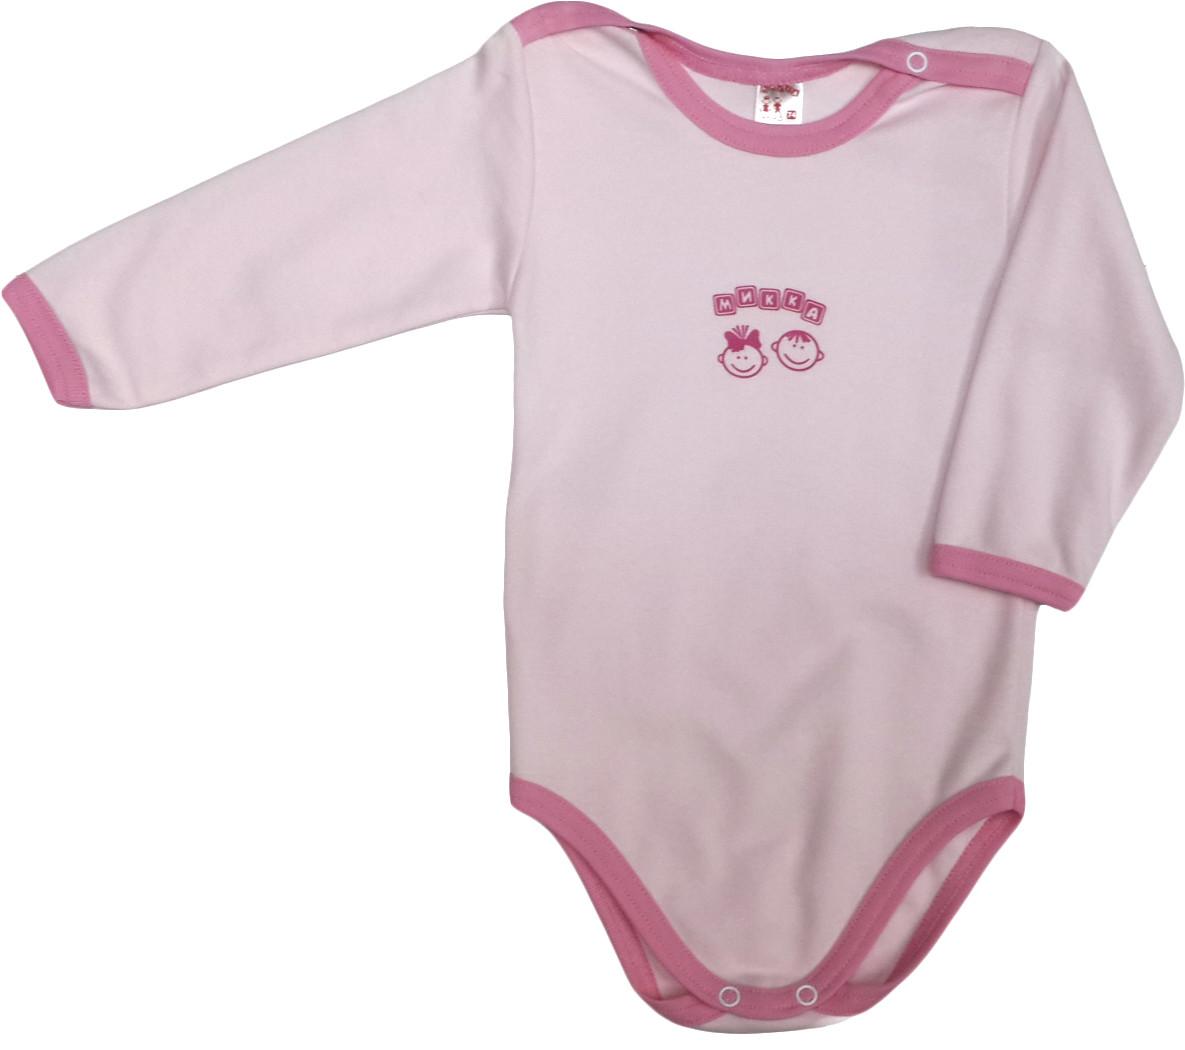 Боди хлопковый на девочку ТМ Татошка 146587 розовый размер 74